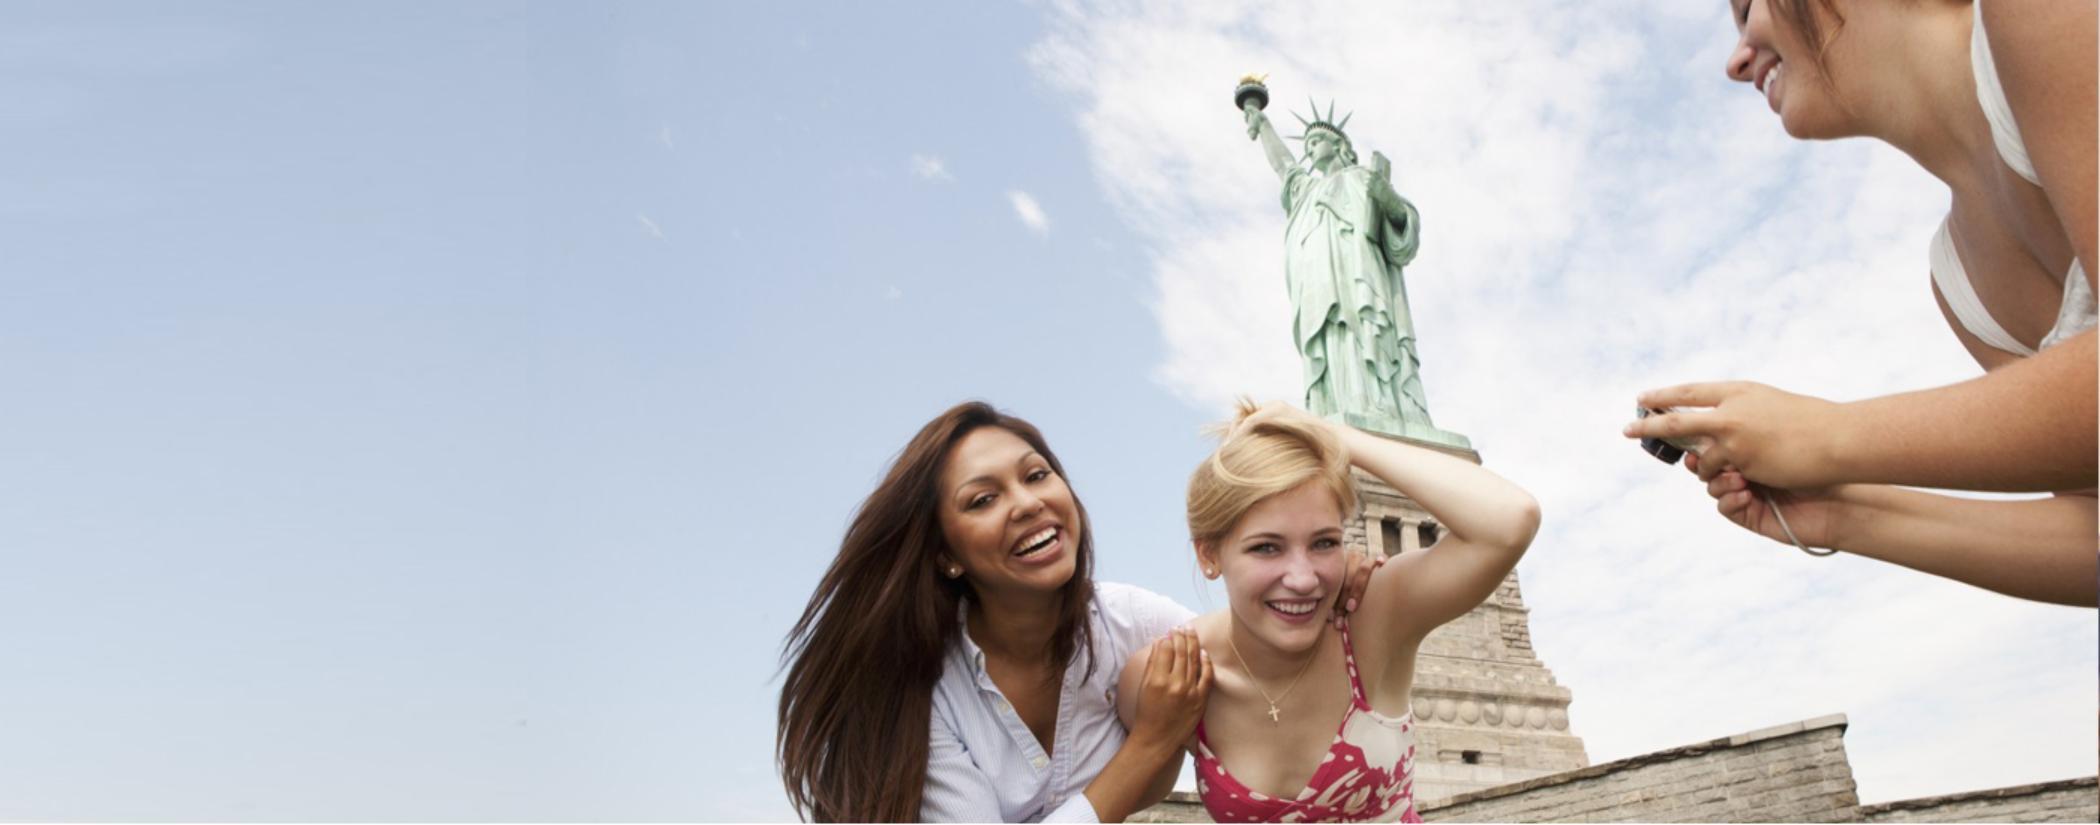 Ver la ciudad,City tours,Tickets, museos, atracciones,Tickets, museums, attractions,Entradas a atracciones principales,Major attractions tickets,Estatua de la Libertad y crucero a Ellis Island,Statue of Liberty and Ellis Island Cruises,Crucero + Entrada